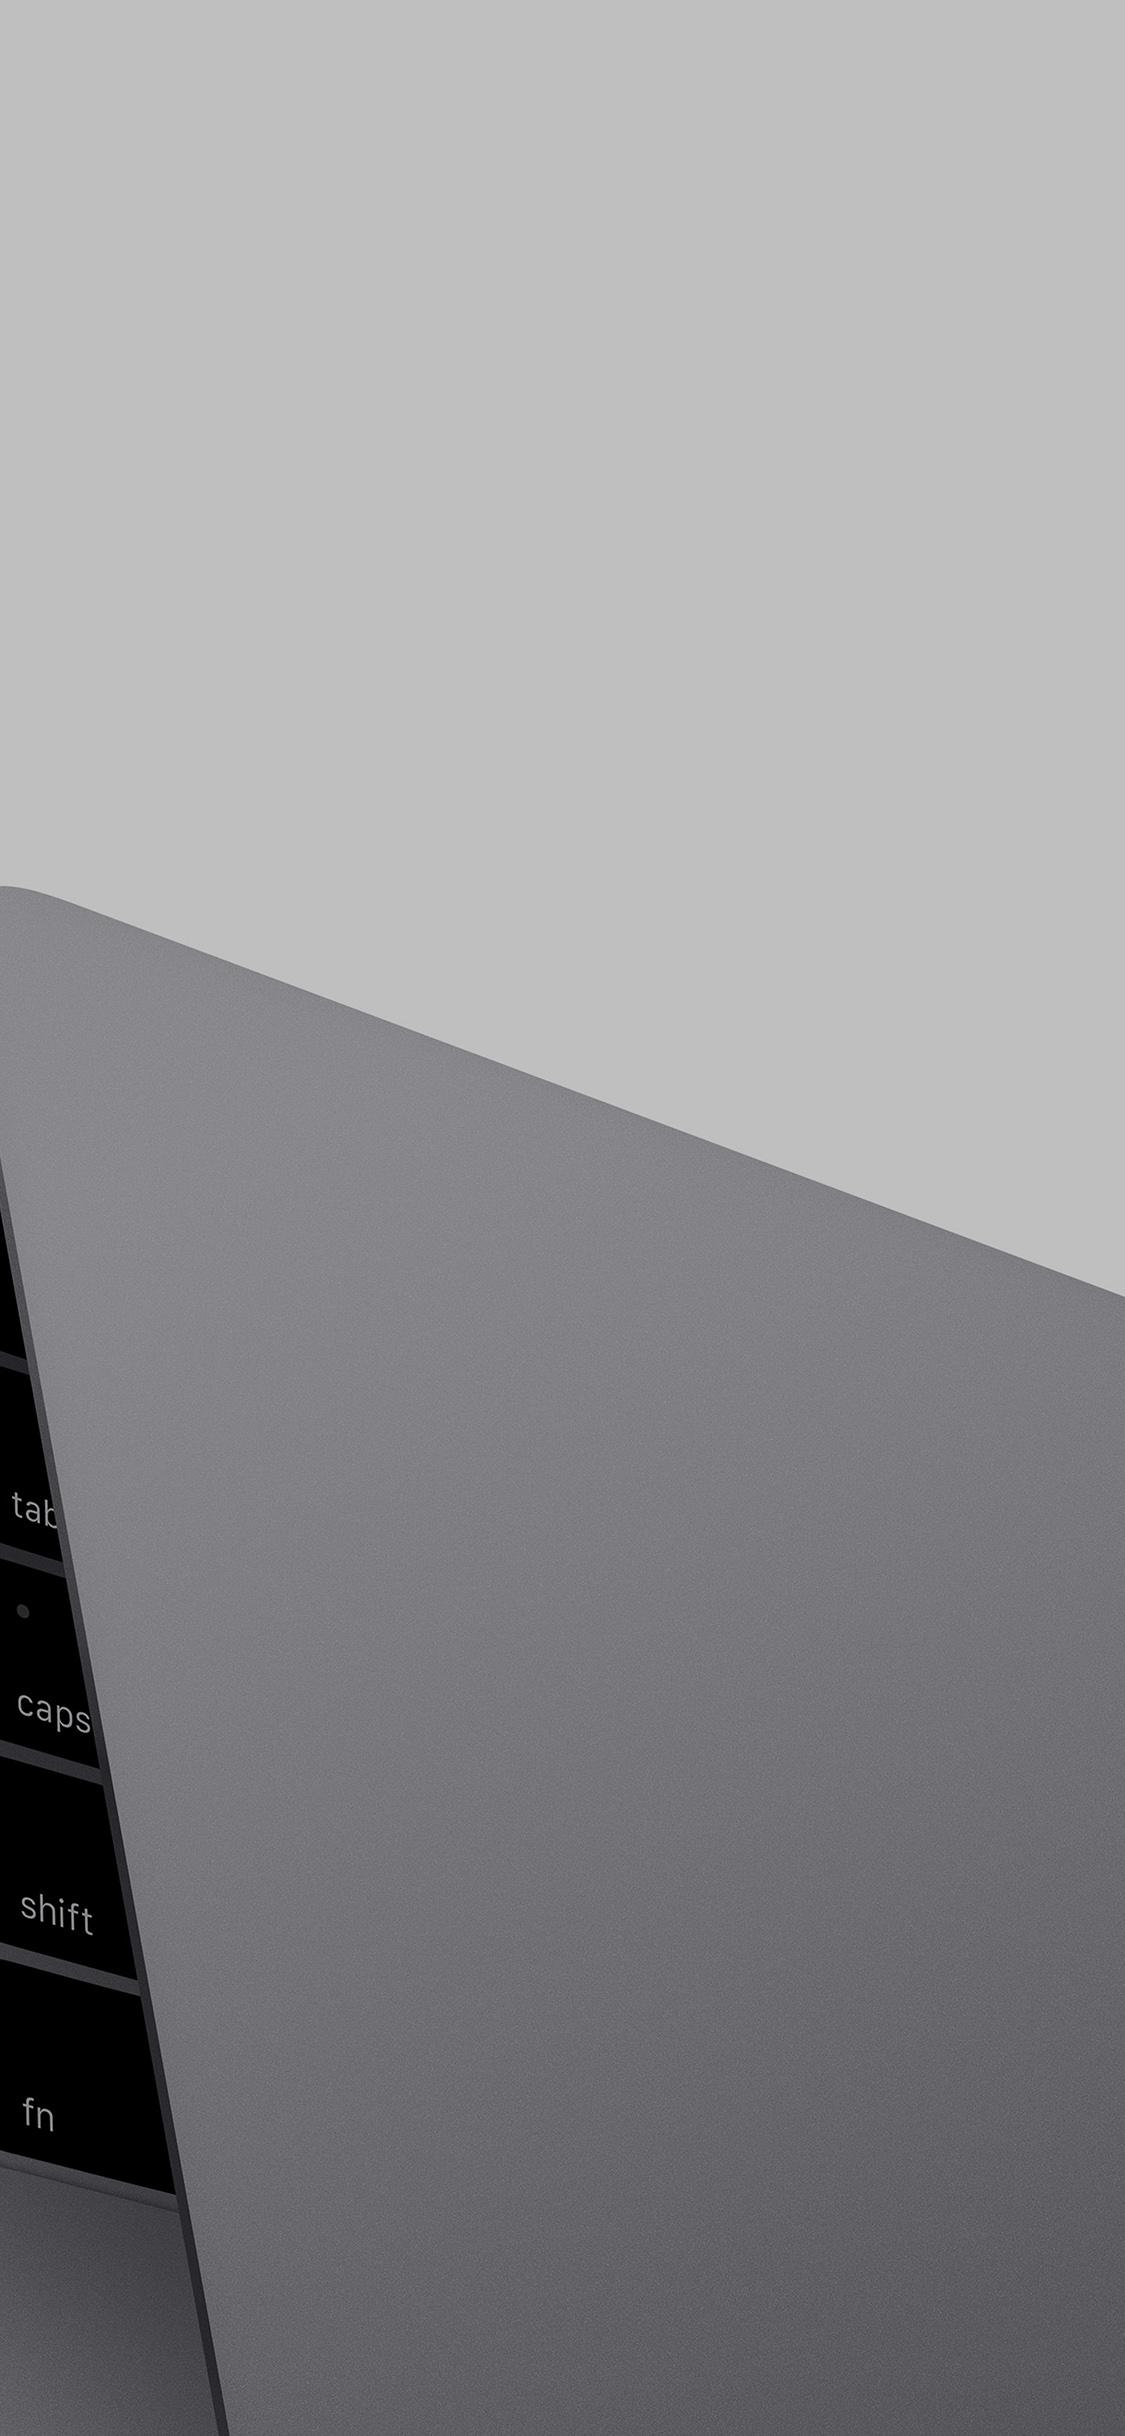 iPhoneXpapers.com-Apple-iPhone-wallpaper-ak91-no-usb-macbook-silver-apple